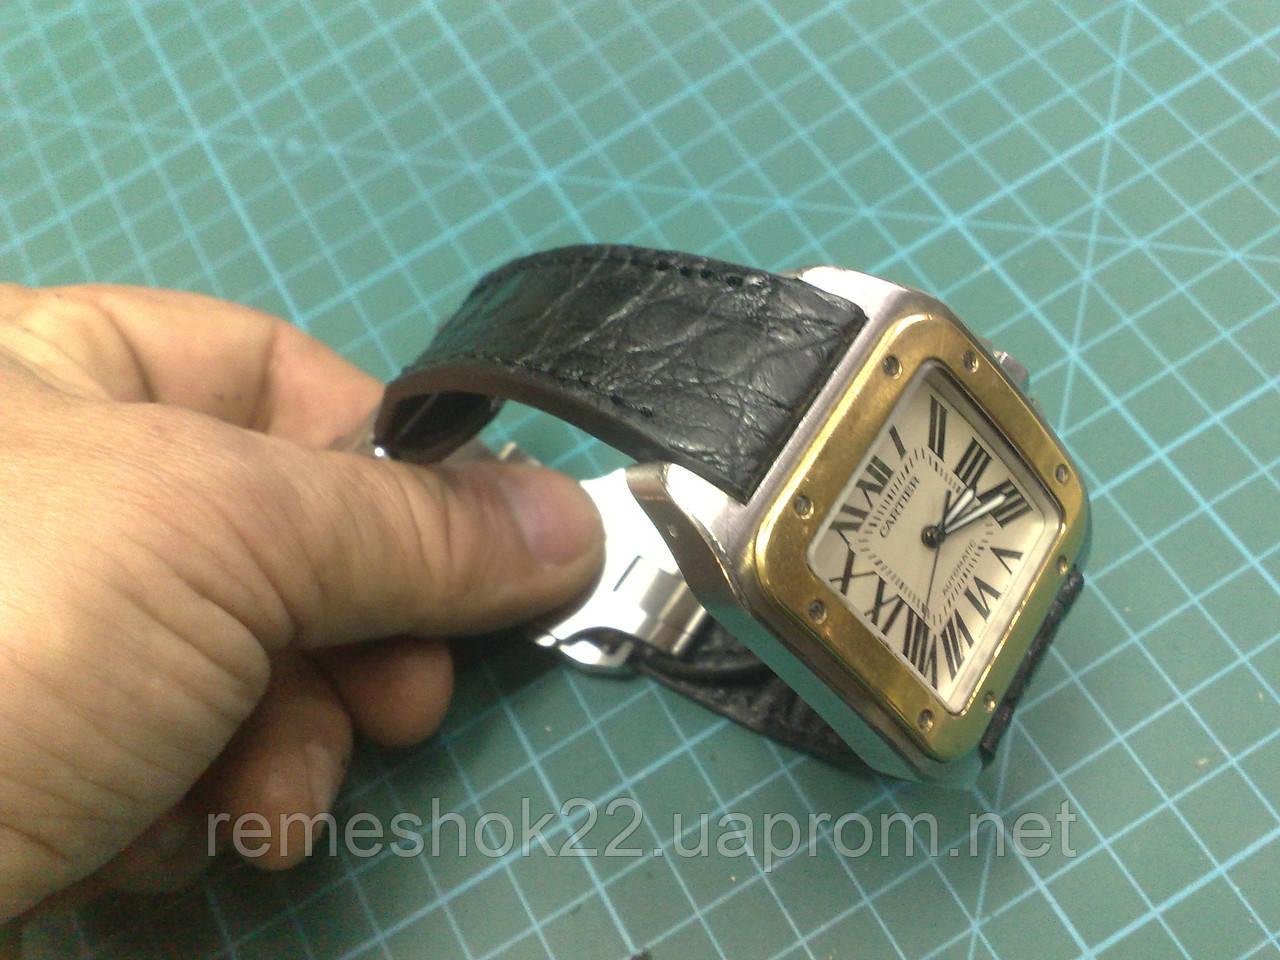 Заказать Ремешок из кожи Крокодила для часов Cartier Santos 100 в ... 5353ddb6bbed3